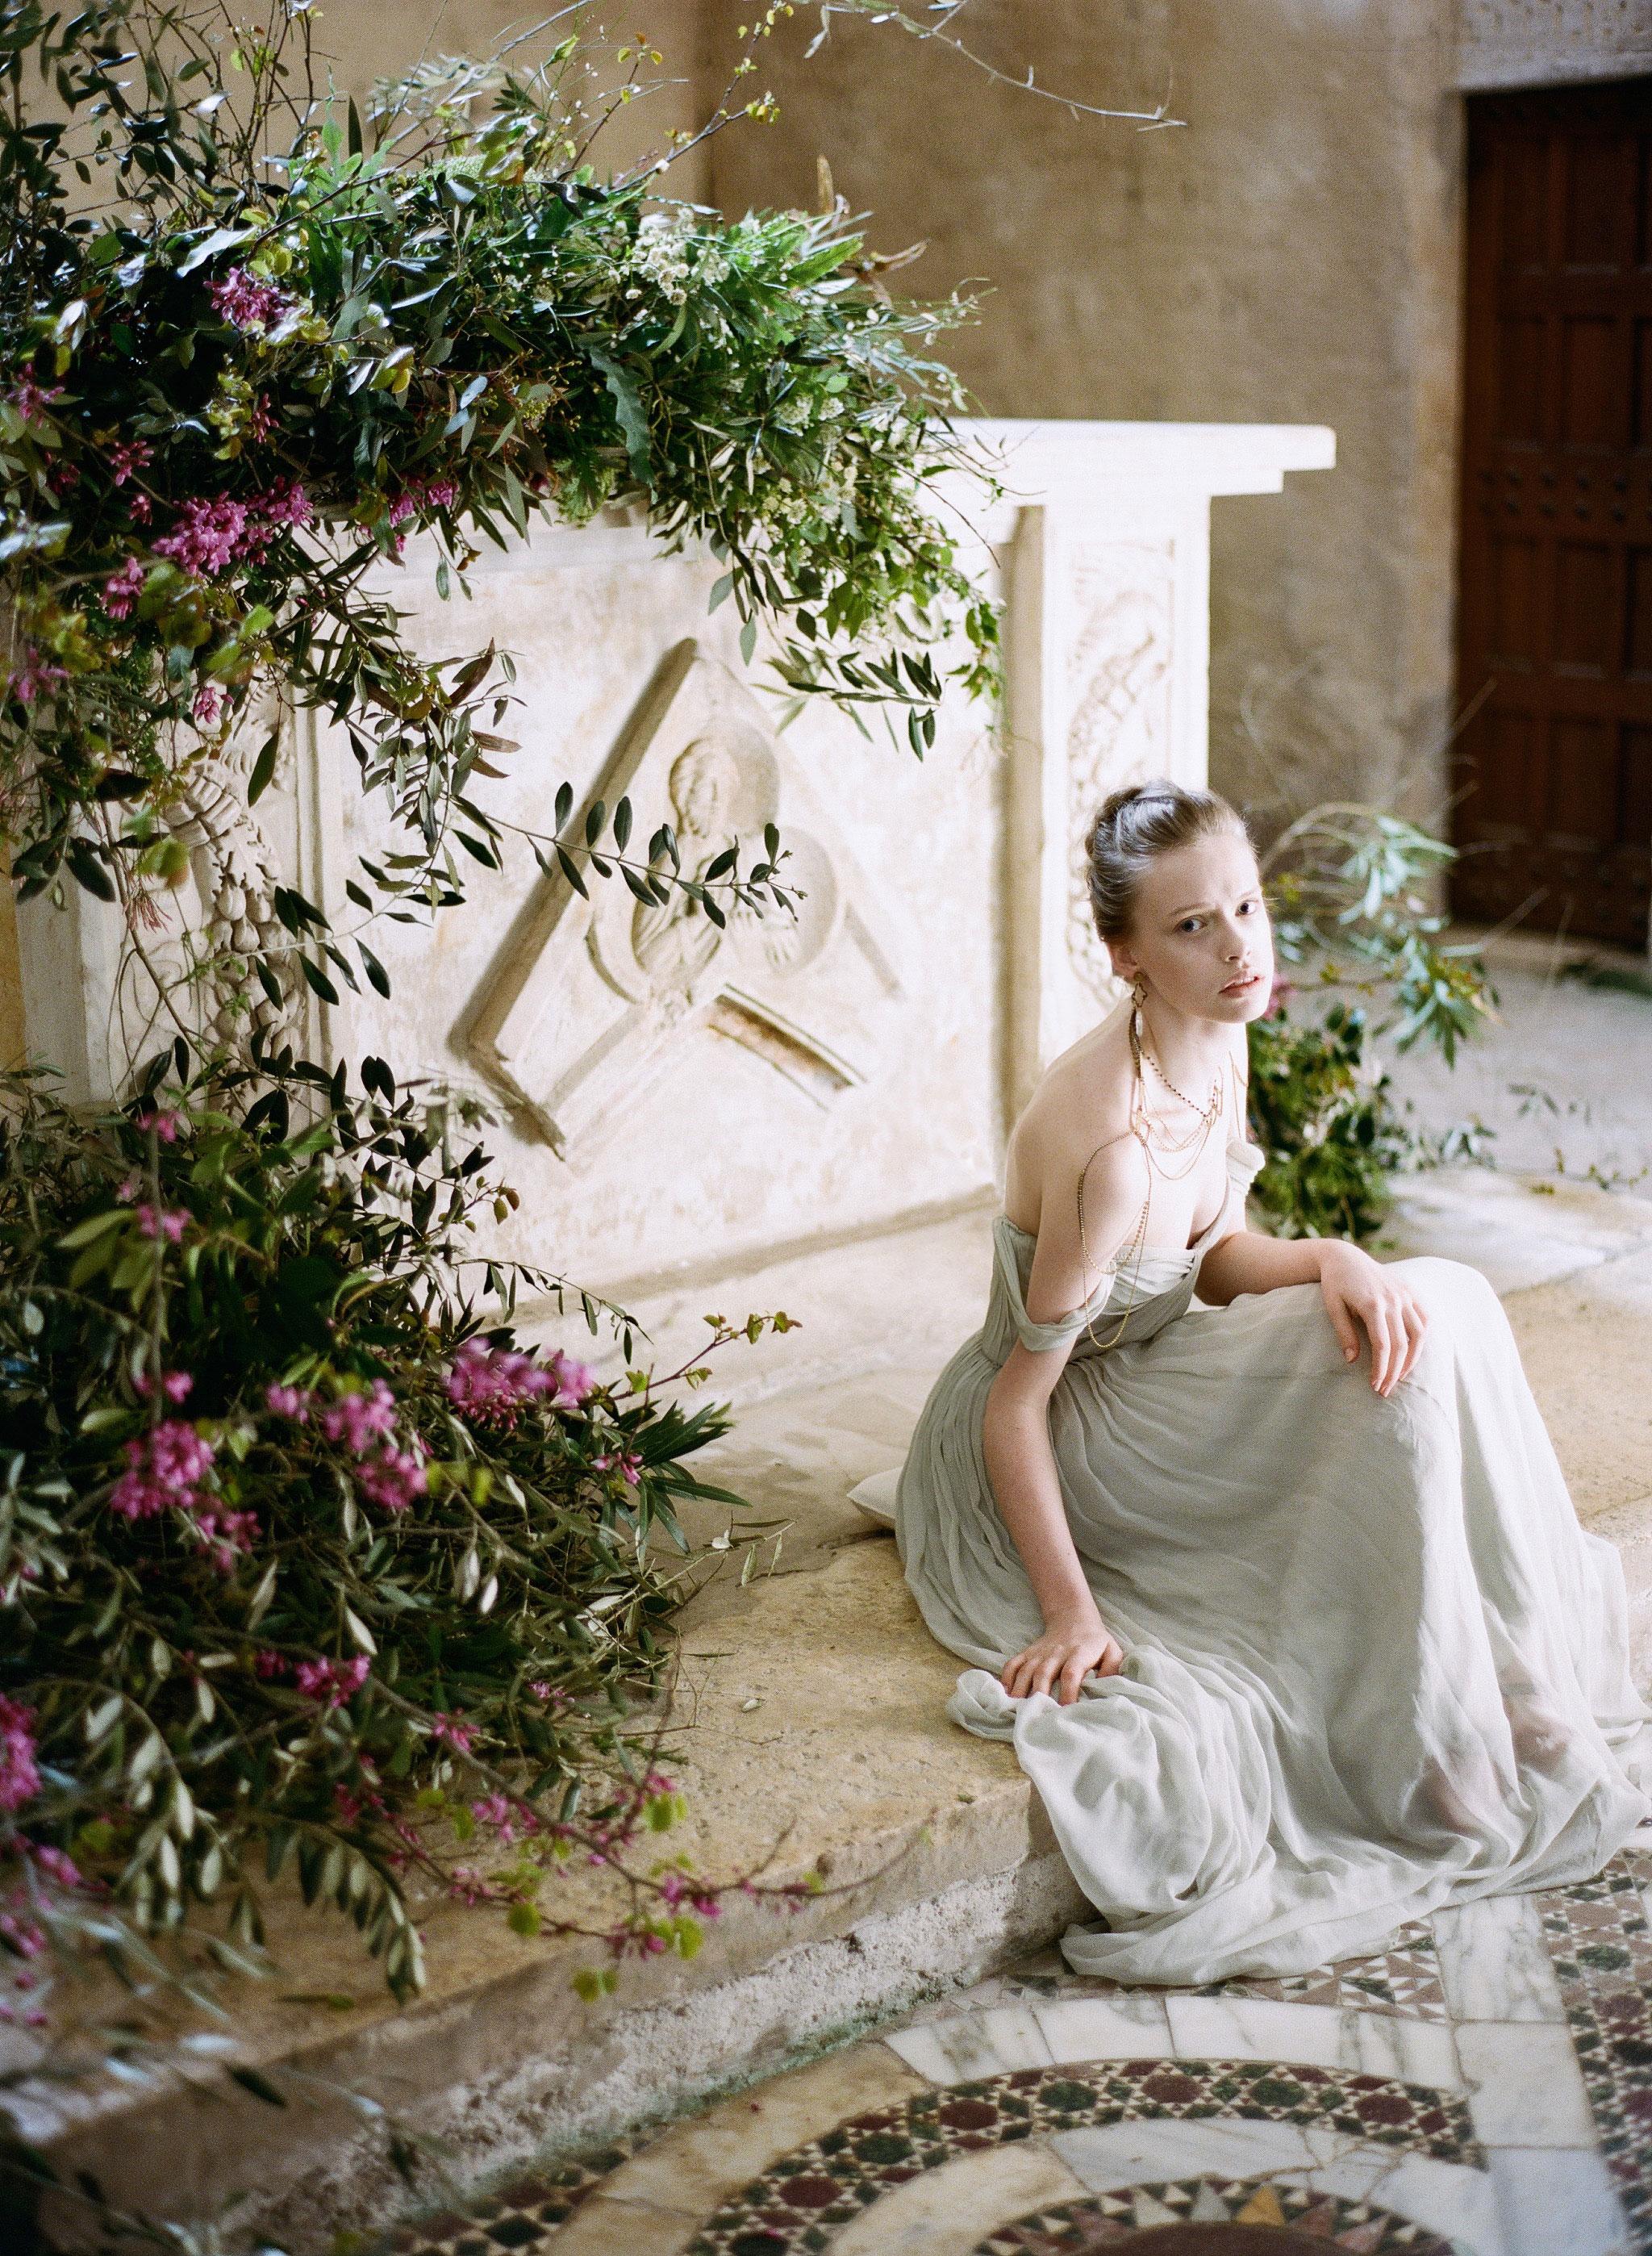 pearl-&-godiva-oksana-bernold-139.jpg